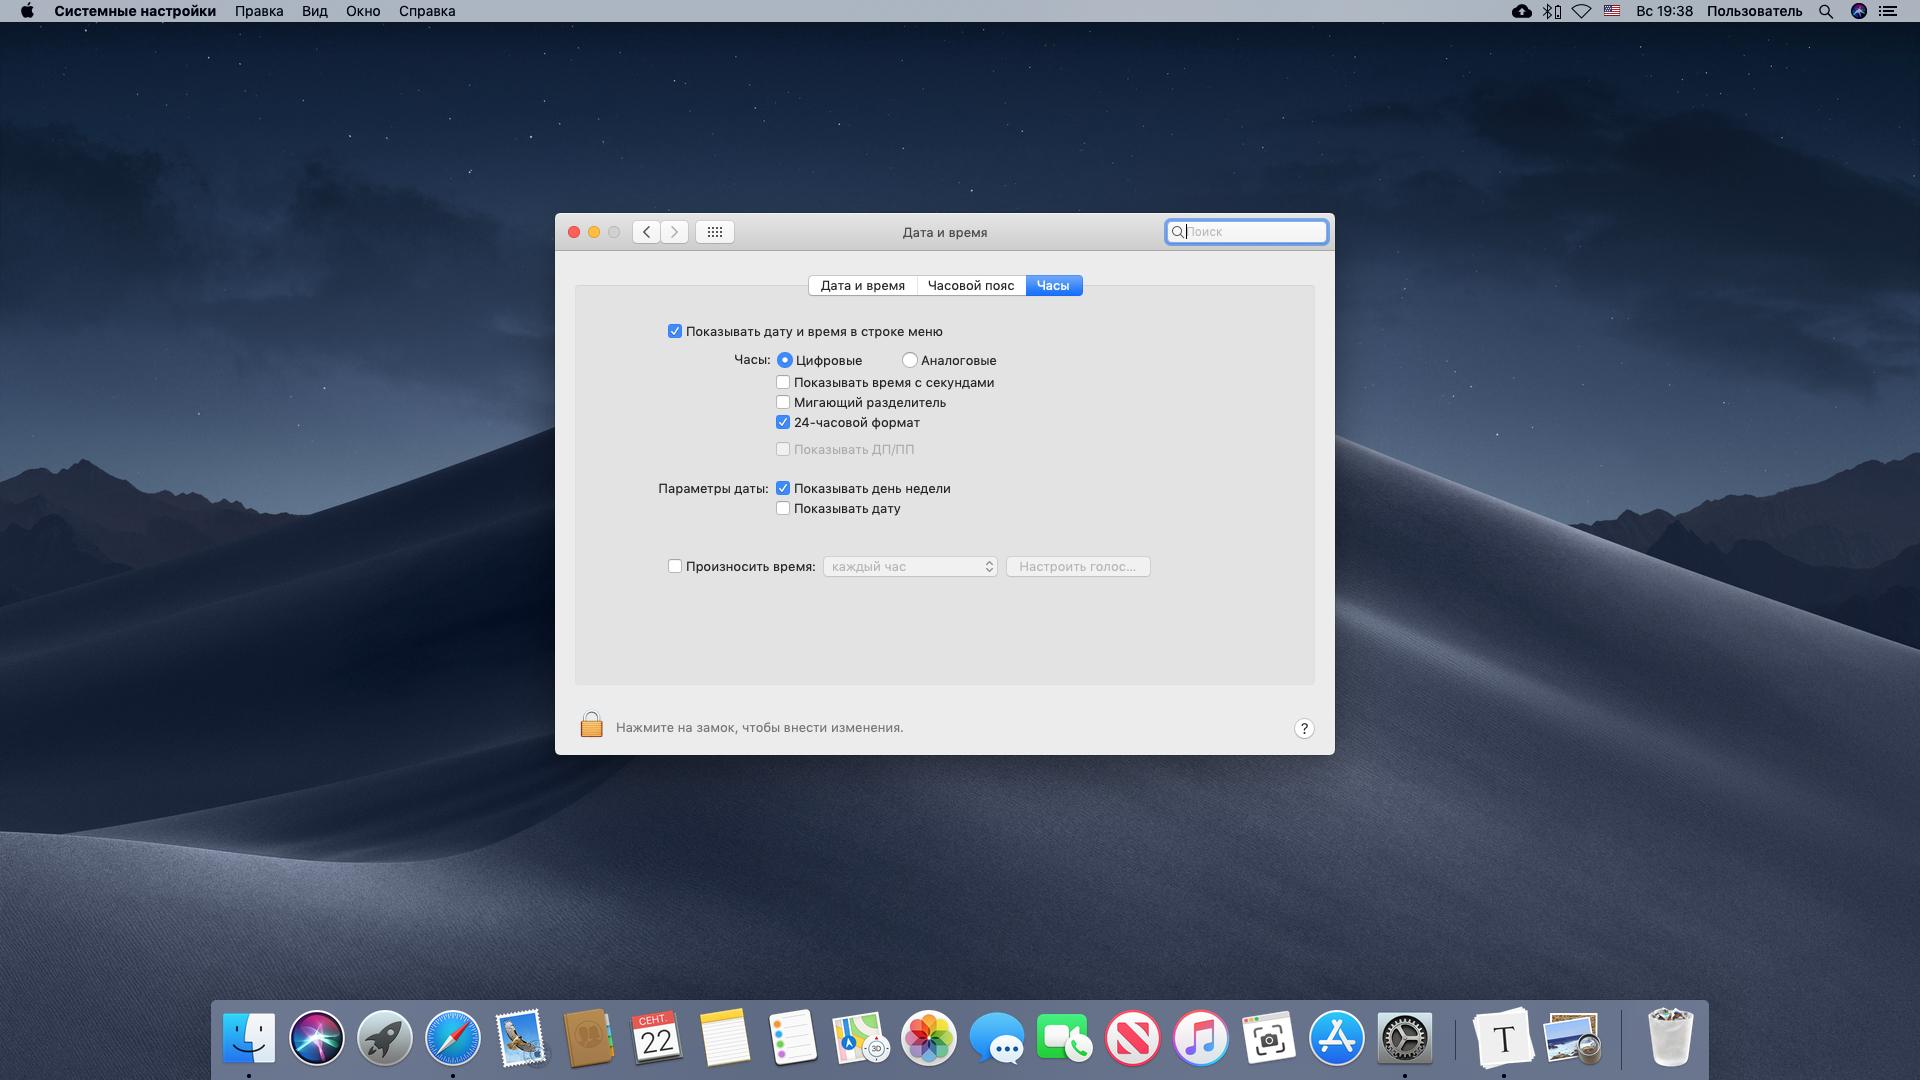 Настройка на Mac часов